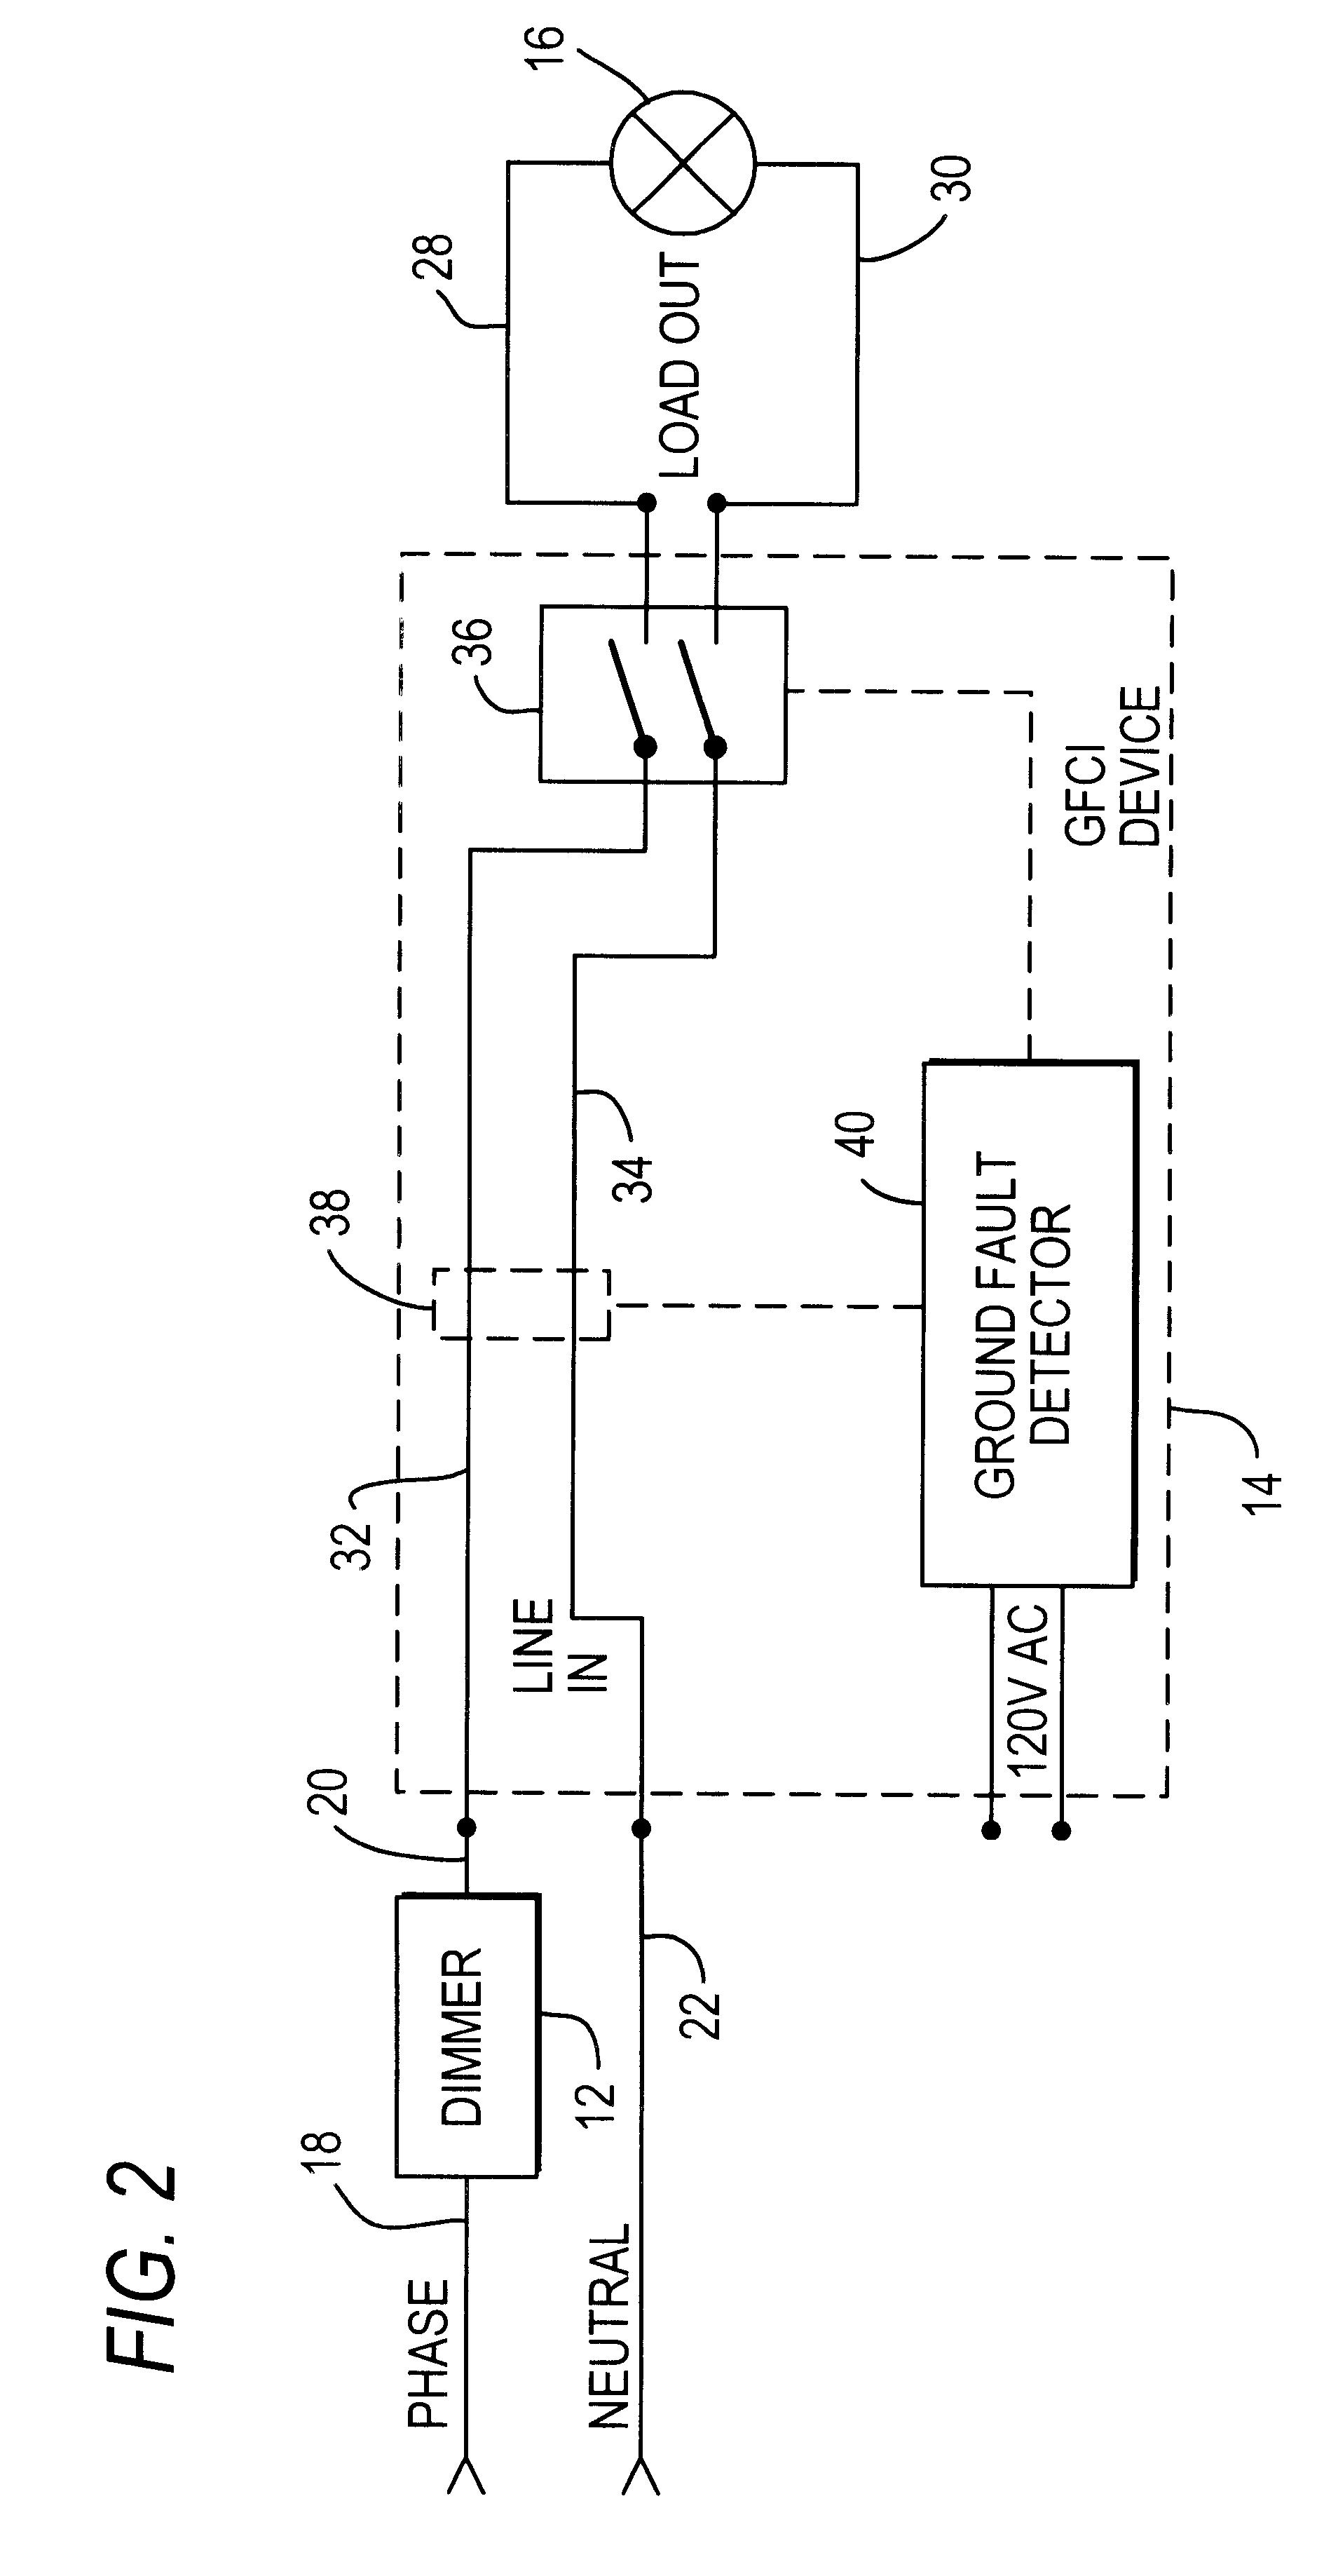 patent us6556395